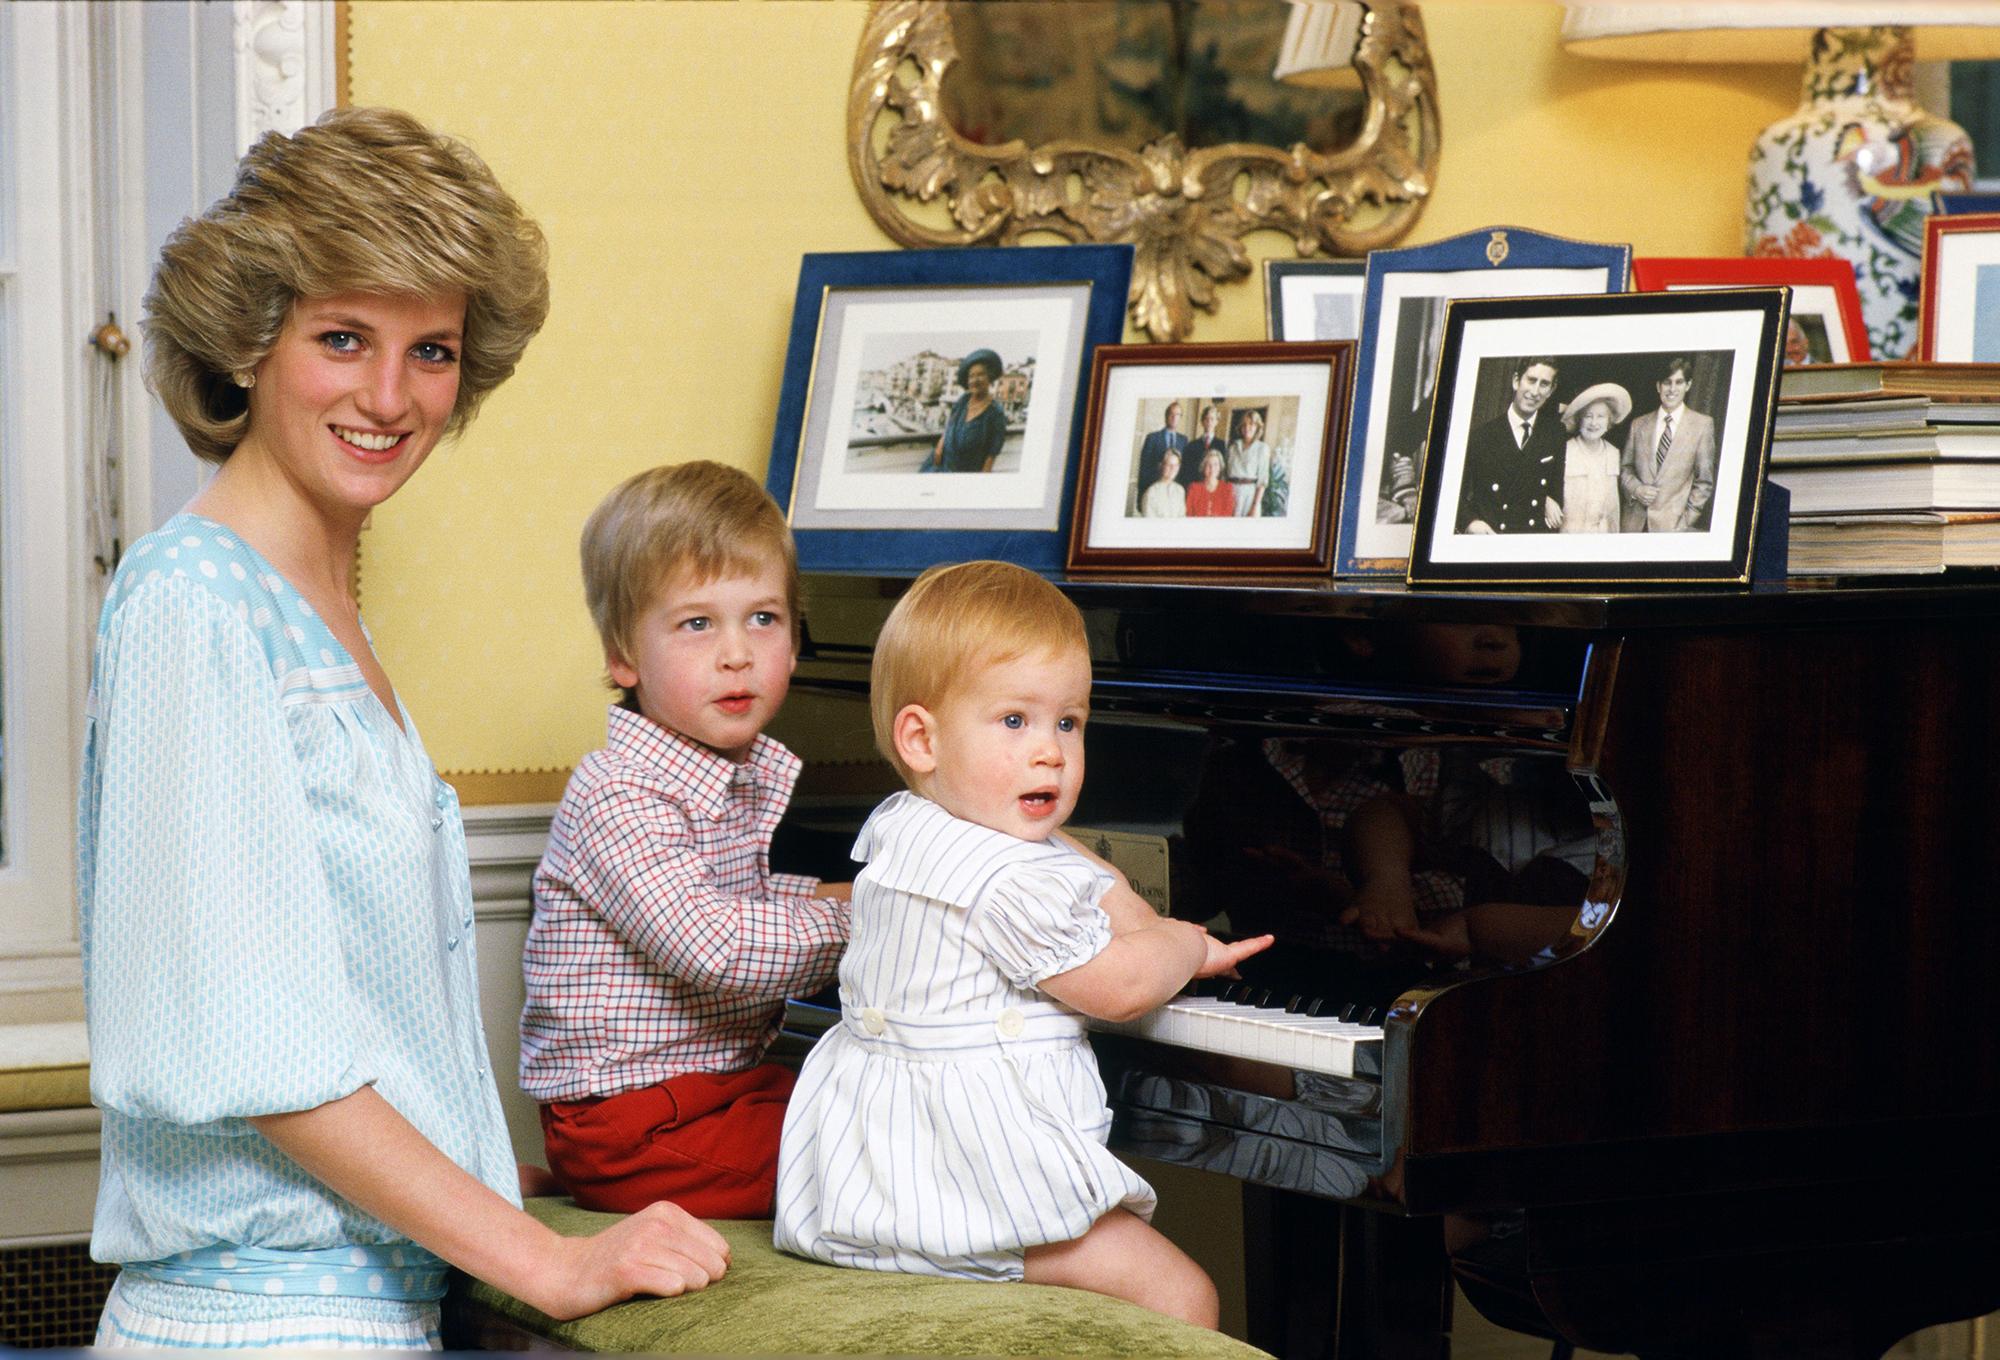 ¿Se parecen? Ella será la actriz que interpretará a la princesa Diana en The Crown